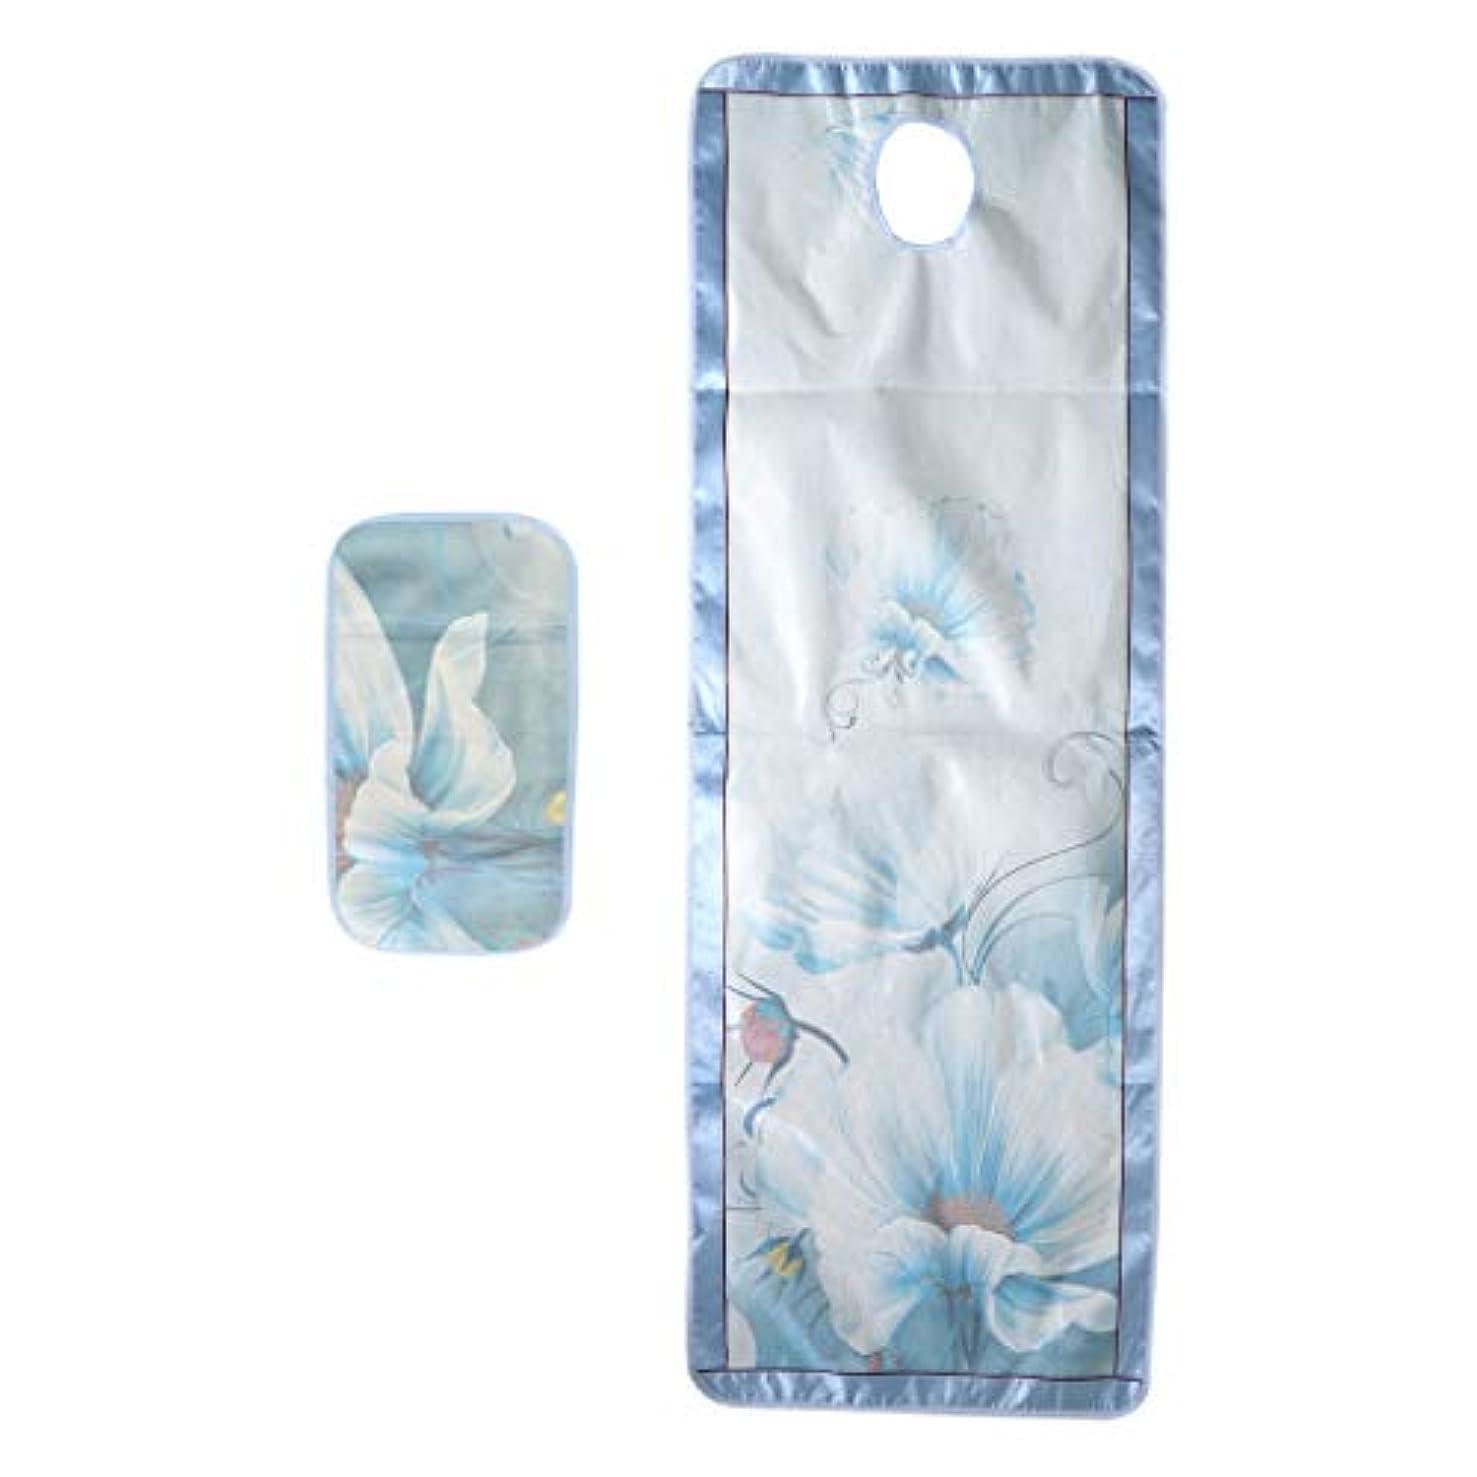 袋組み込む隠されたマッサージベッドカバー 有孔 スパ ビューティー 冷感シーツ サロン 美容院 手入れ簡単 - スタイル2